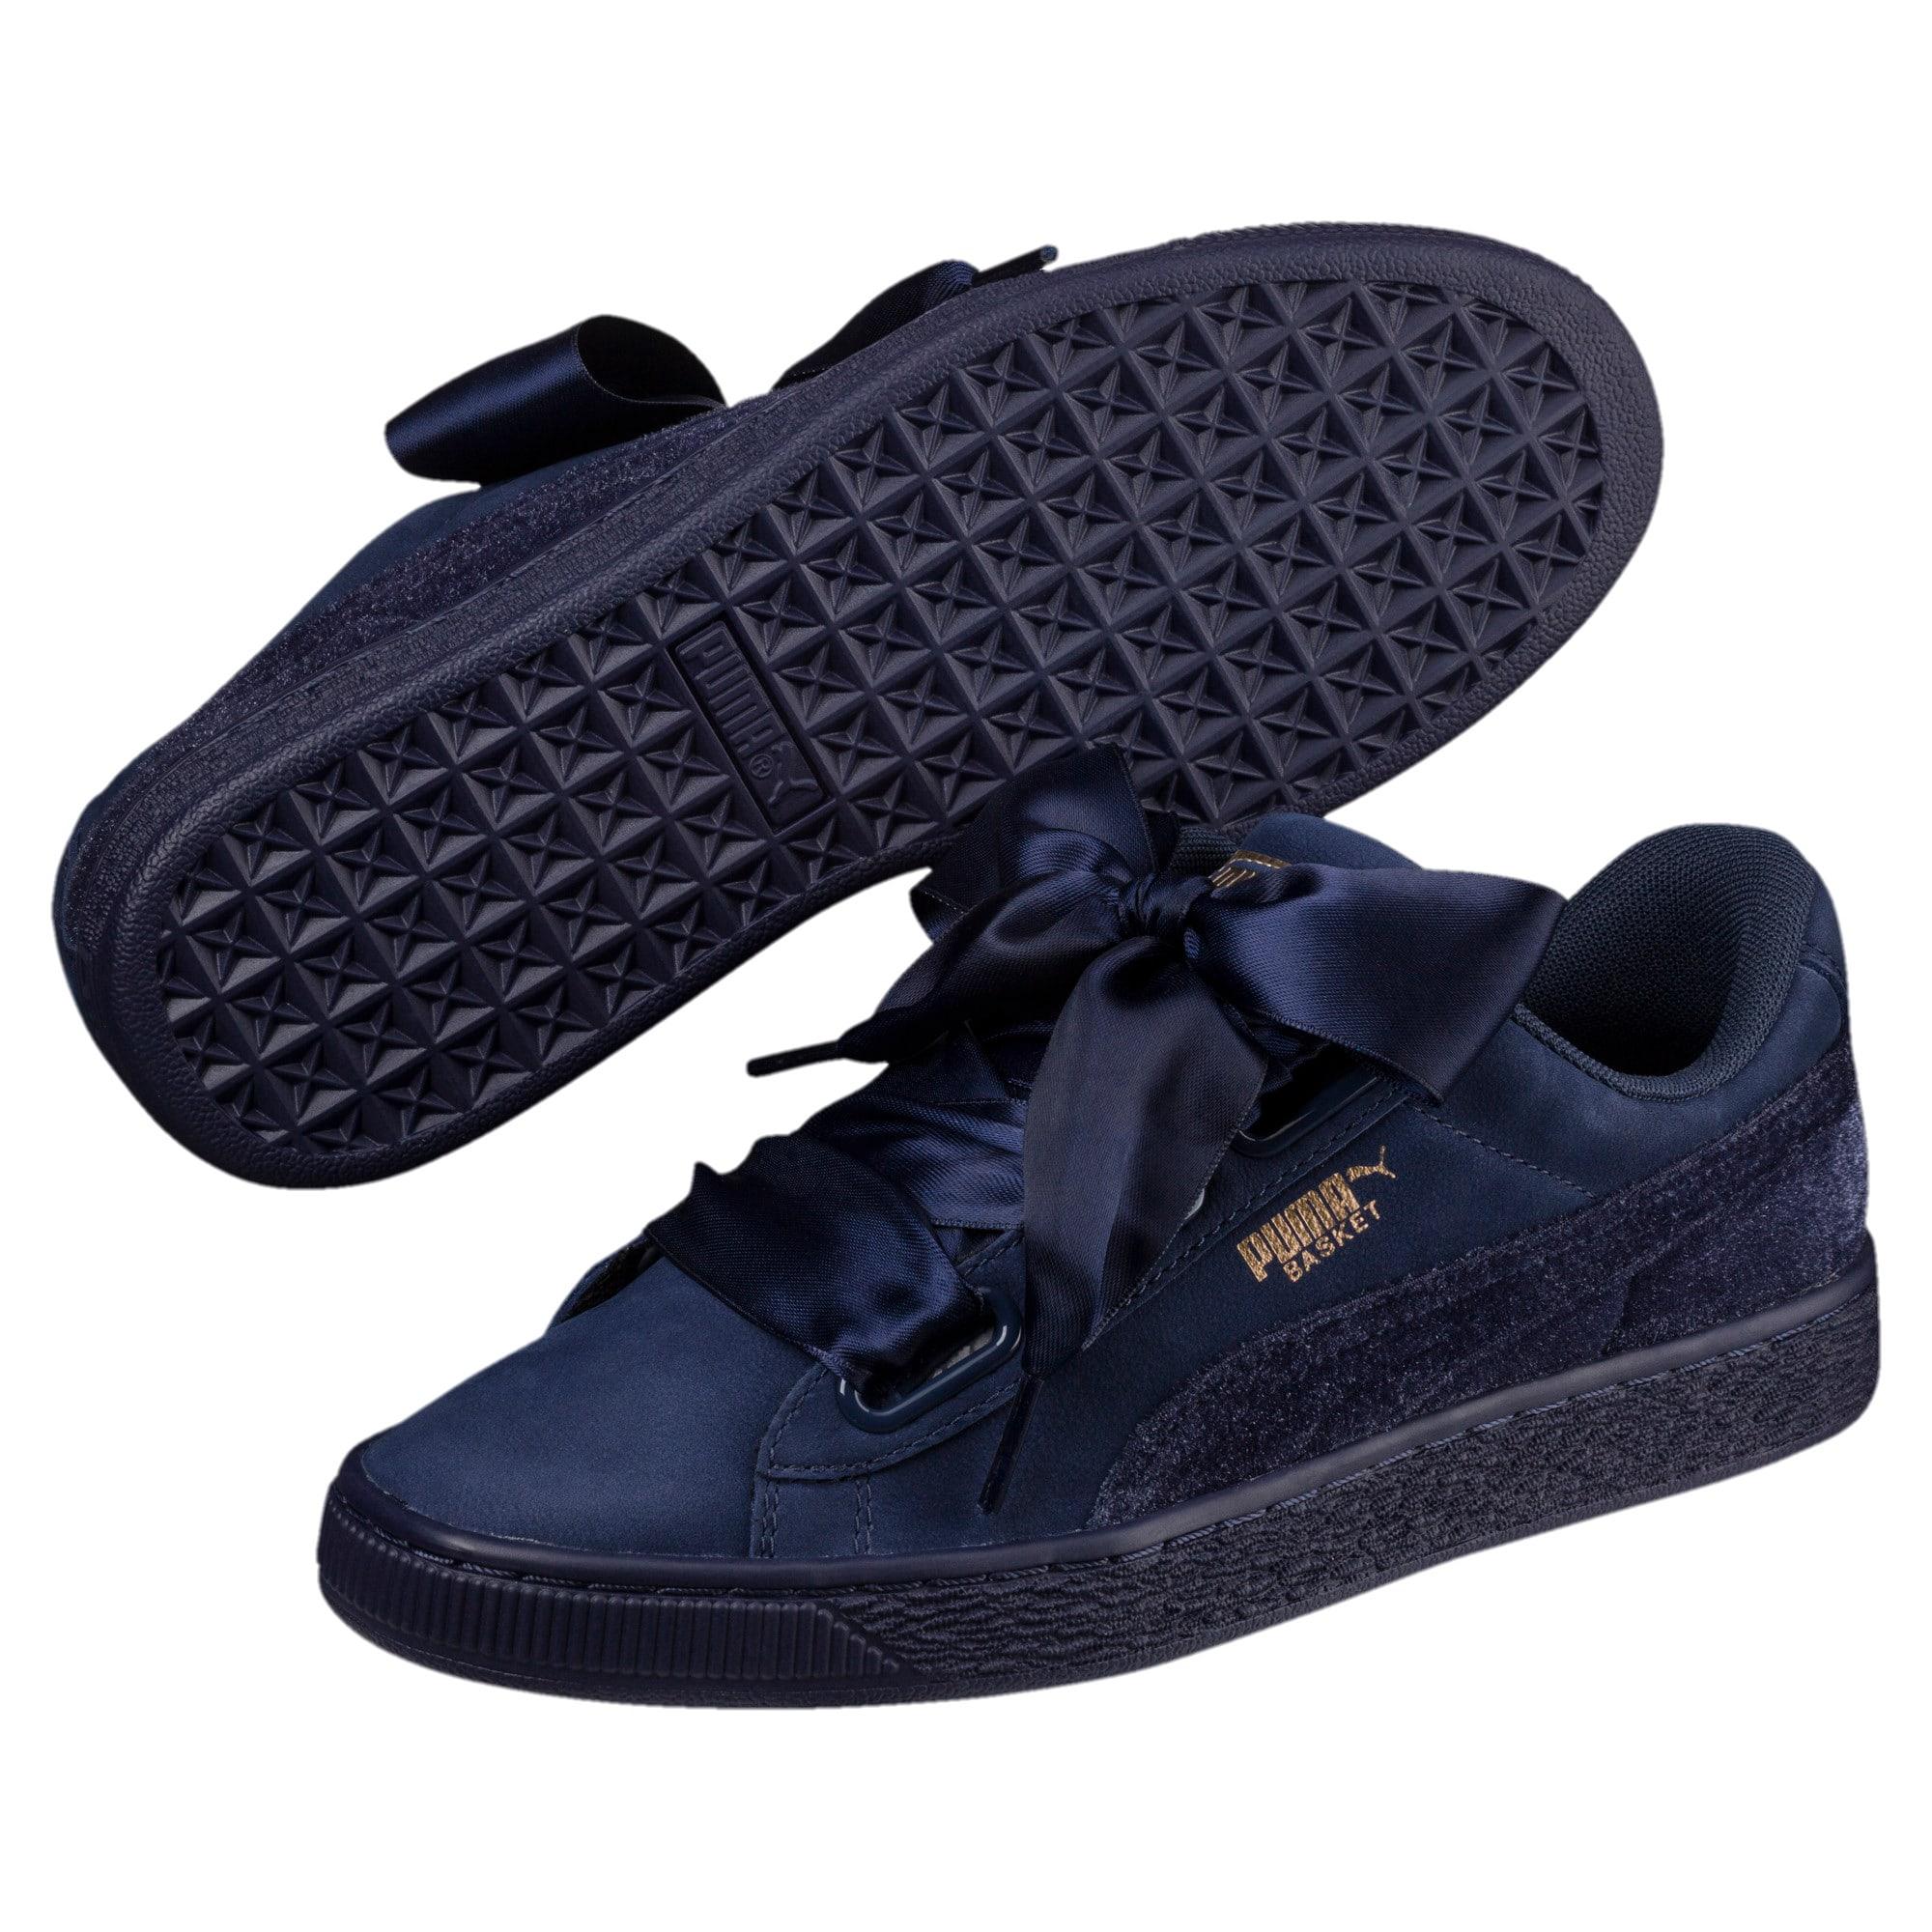 wholesale dealer 95af6 f0e8a Basket Heart Lunar Glow Women's Sneakers